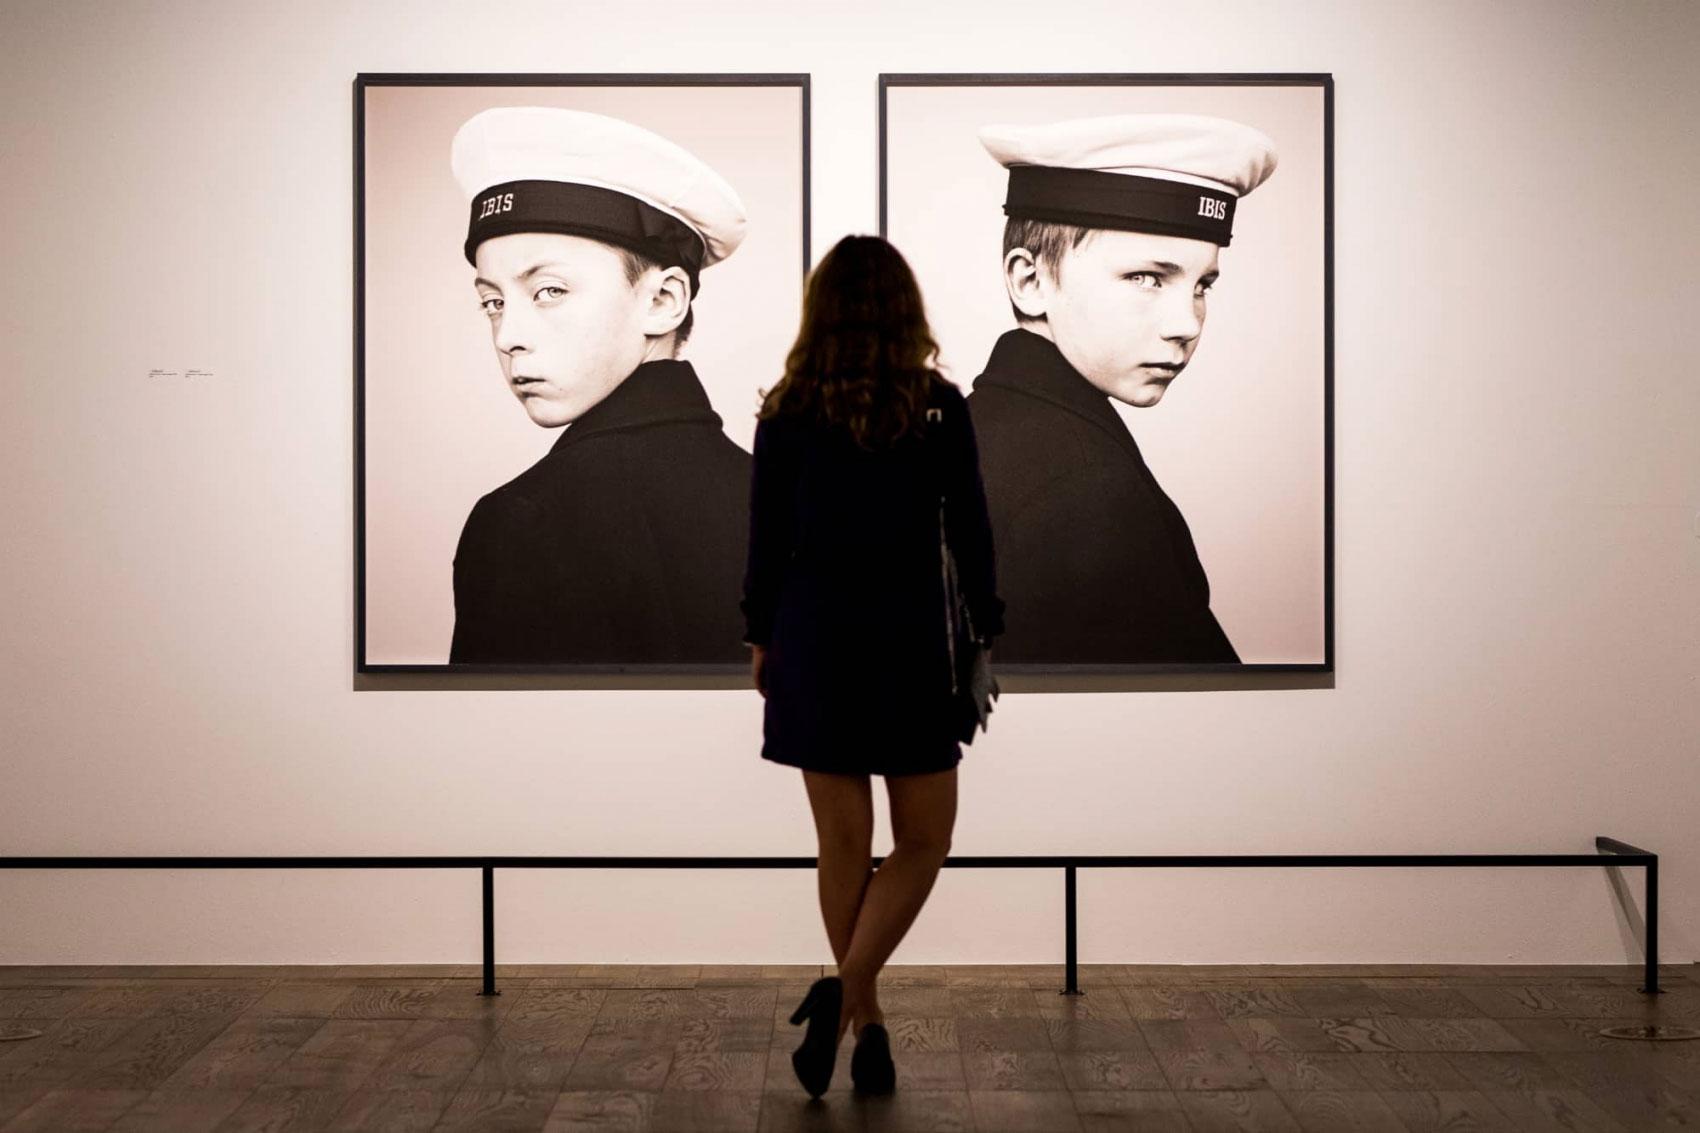 Stephan Vanfleteren fotografie in Het Scheepvaartmuseum